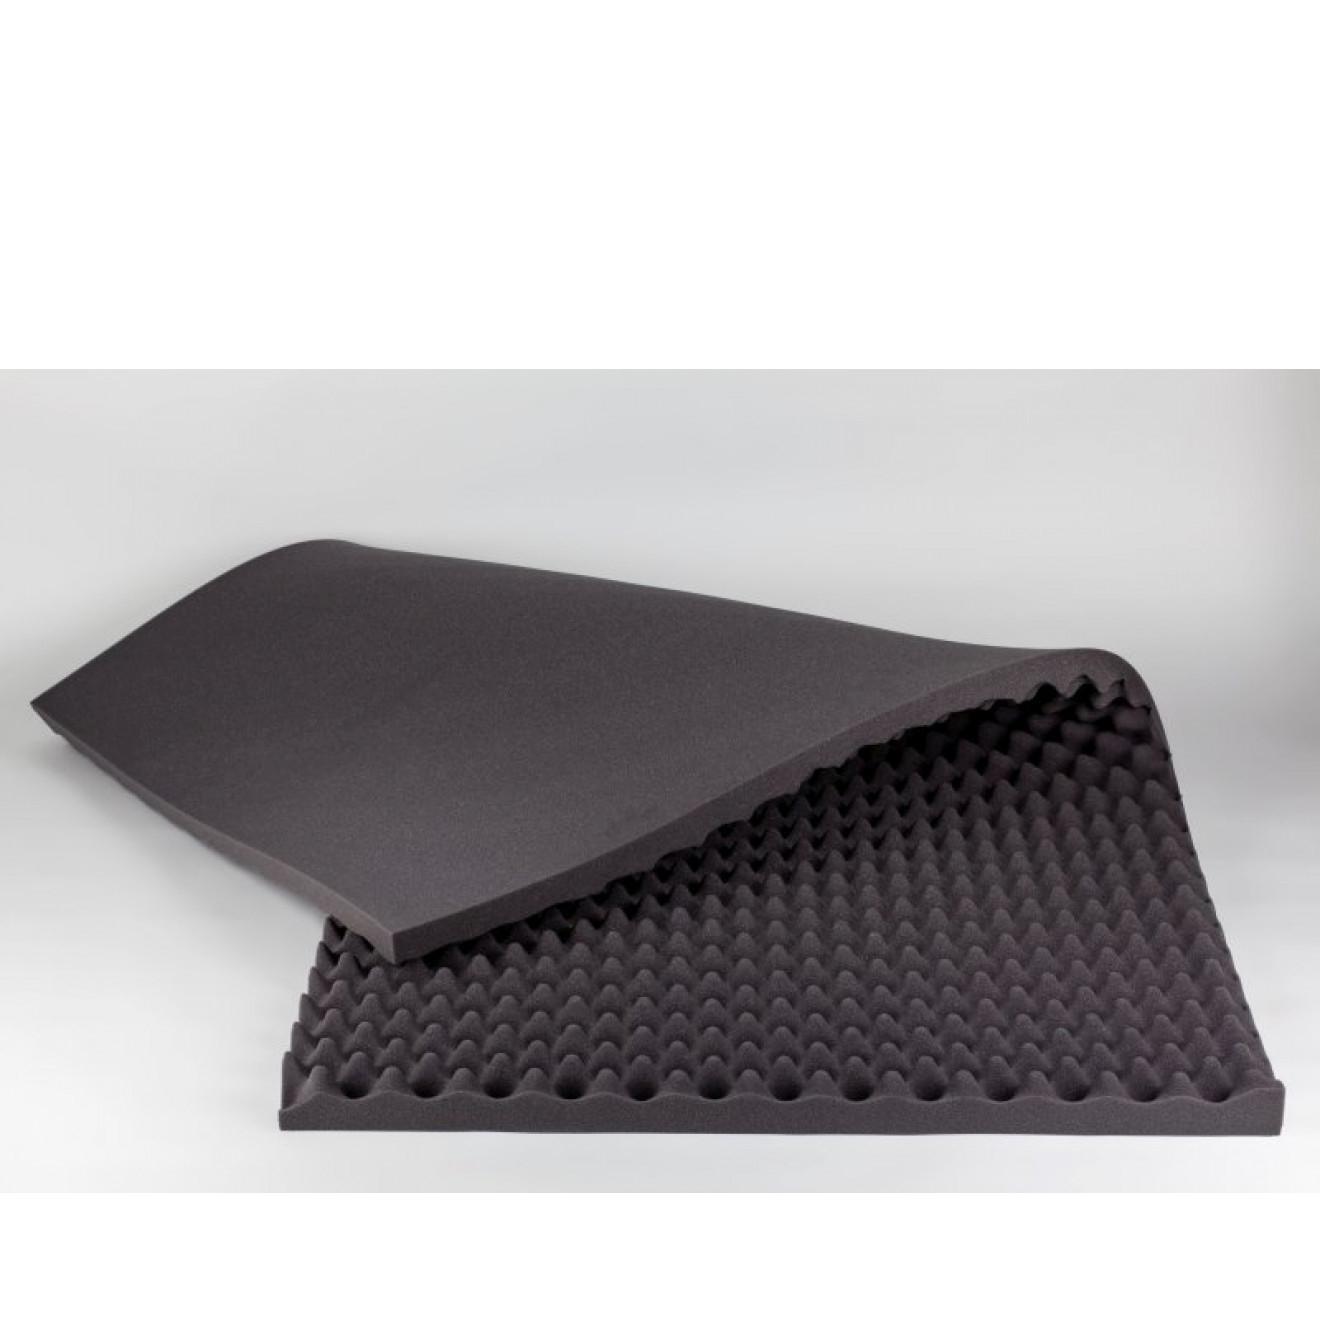 schaumgummi kaufen zoom with schaumgummi kaufen great klebend aus basotect schaumstoff x x. Black Bedroom Furniture Sets. Home Design Ideas